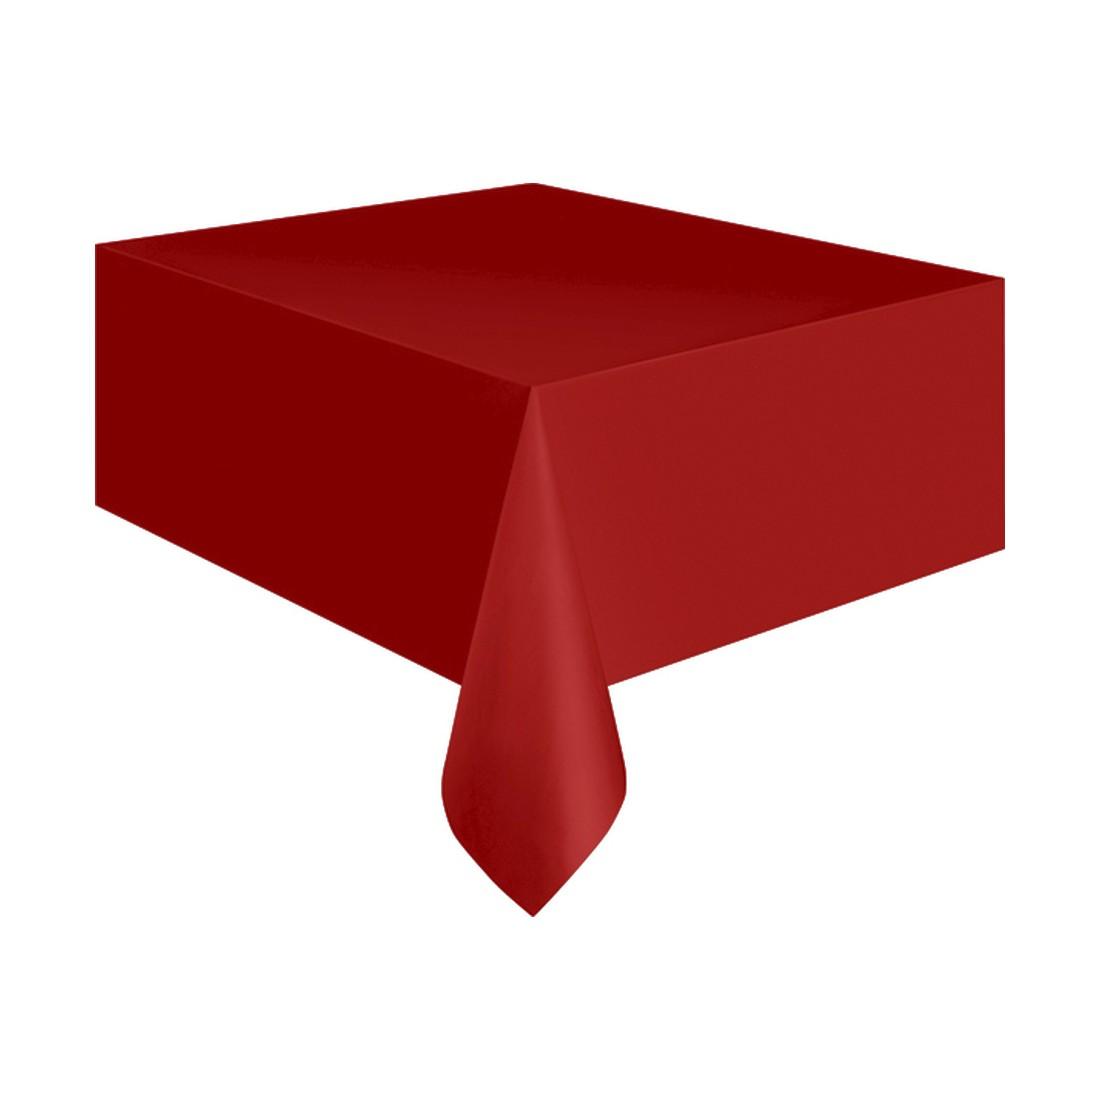 folien tischdecke hochzeit tisch decke 137 x 274 cm geburtstag tischdeko 2 99. Black Bedroom Furniture Sets. Home Design Ideas